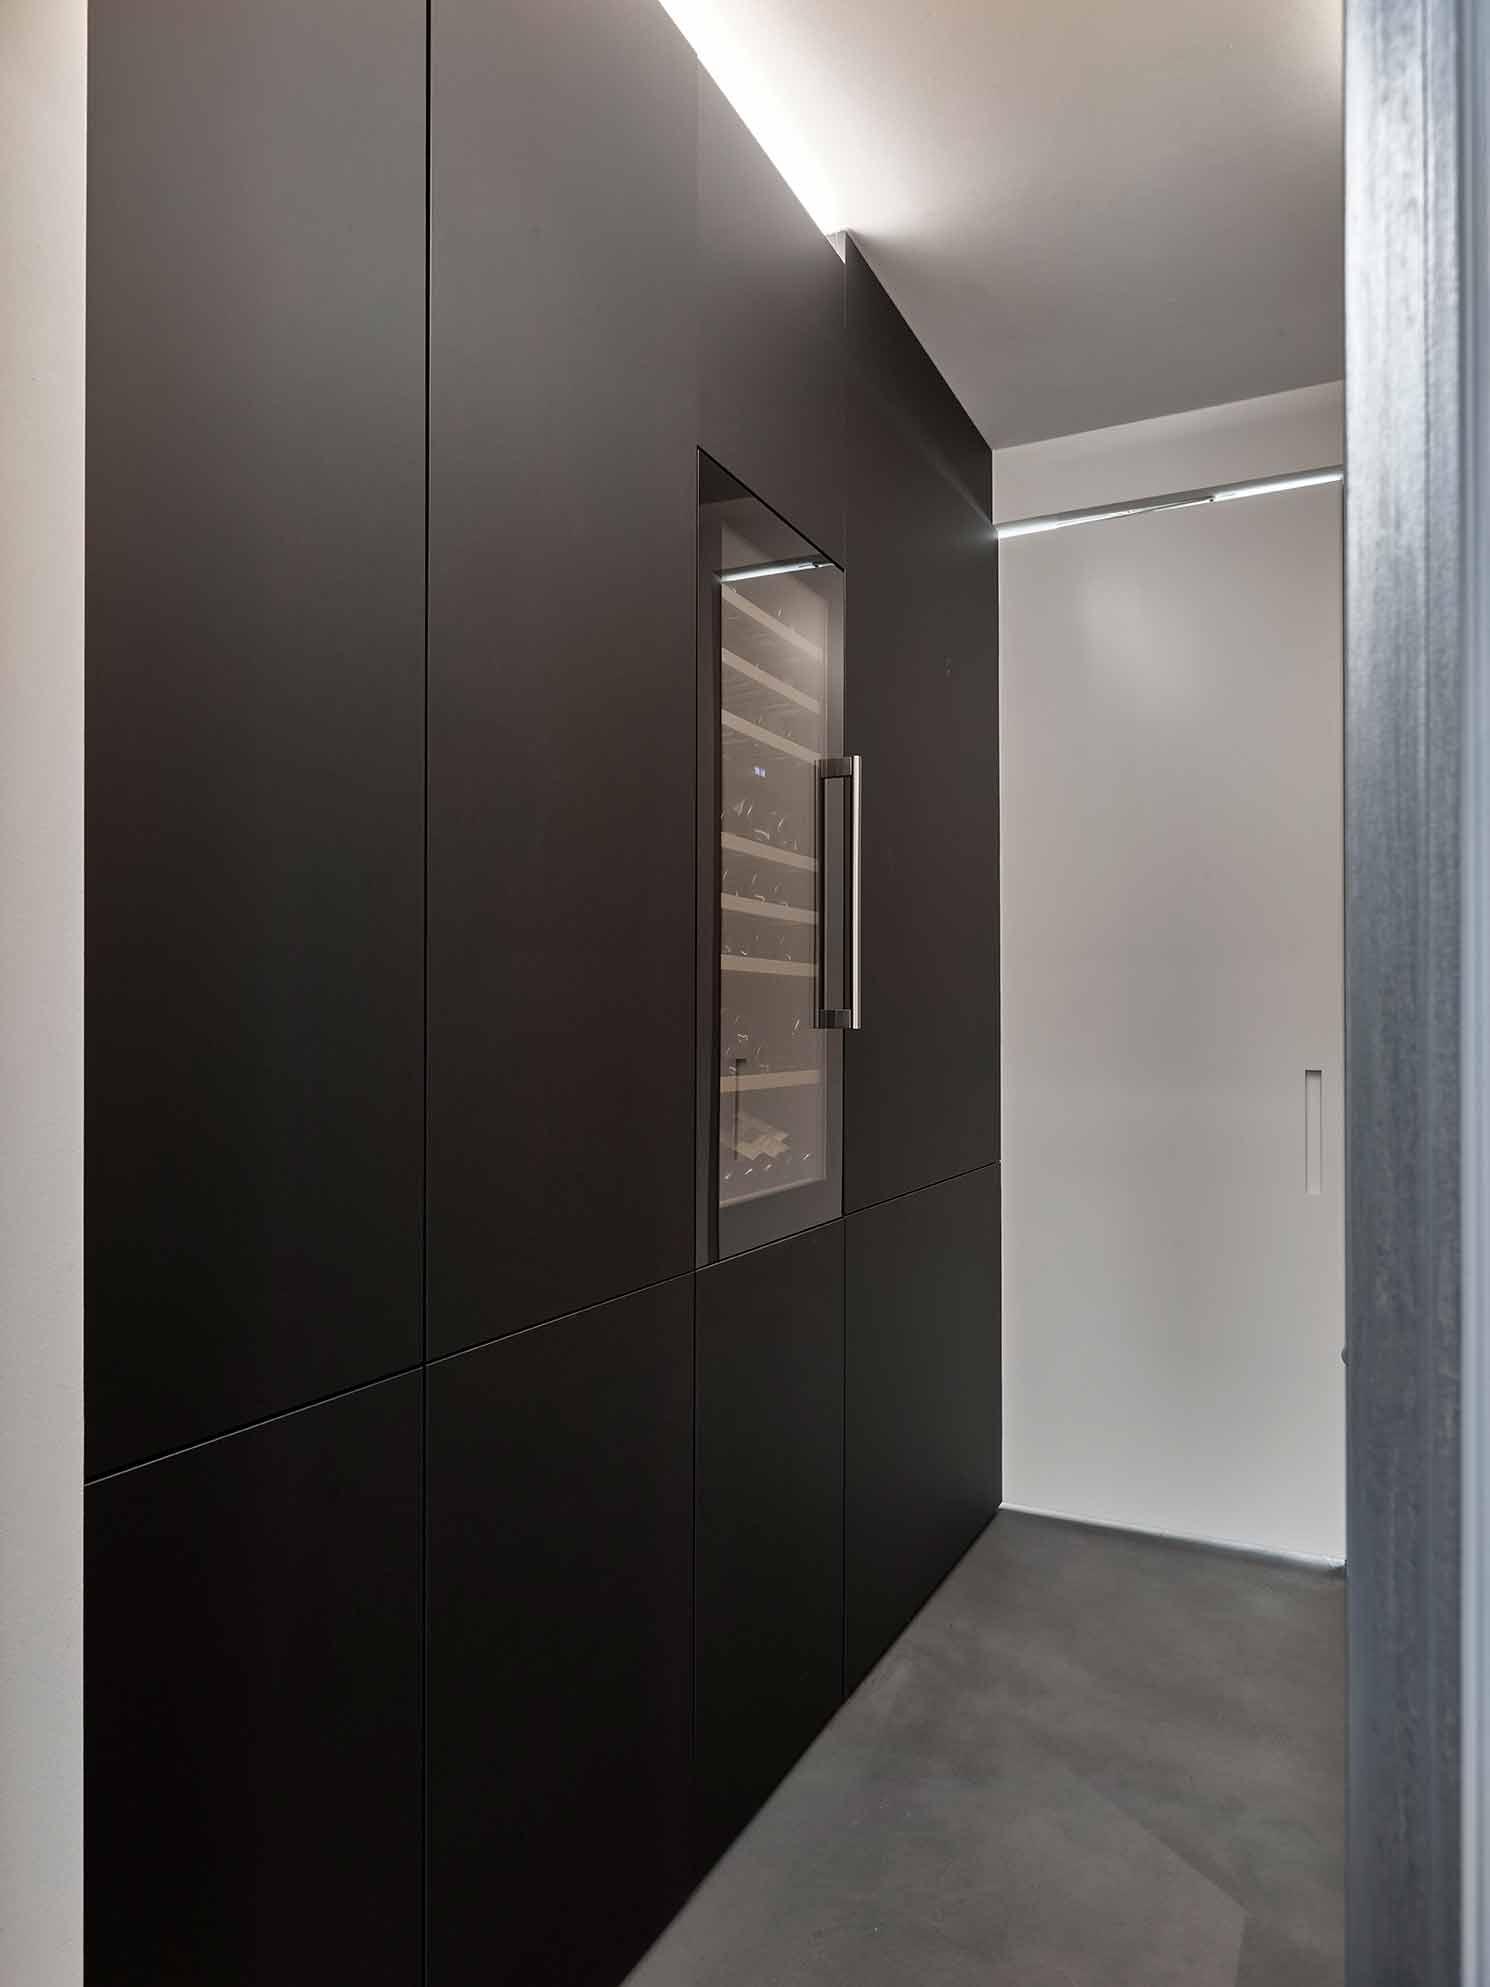 Küchendesign von VOIT aus geräucherter Eiche, Beton und Edelstahl - Blick in die Küche, links Schrankwand mit Weinkühler verbaut